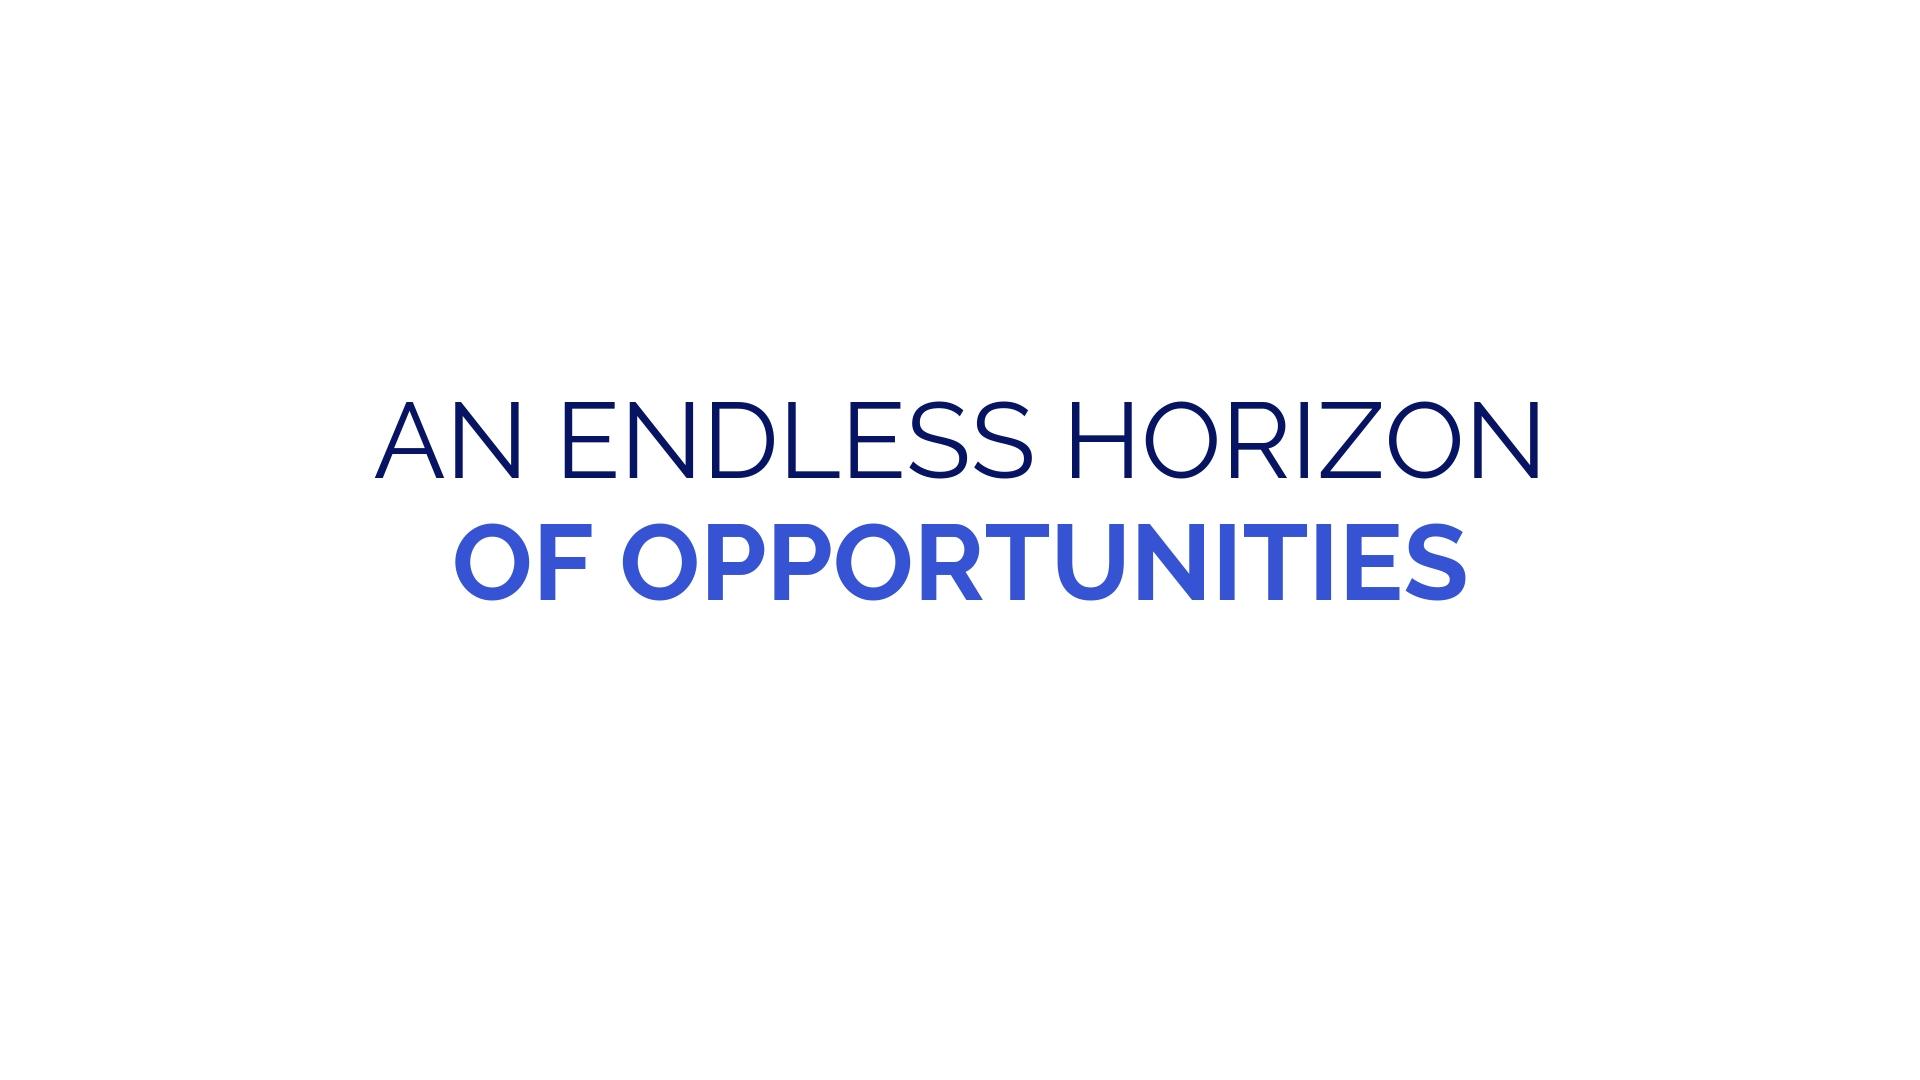 An endless horizon of opportunities (13).jpg